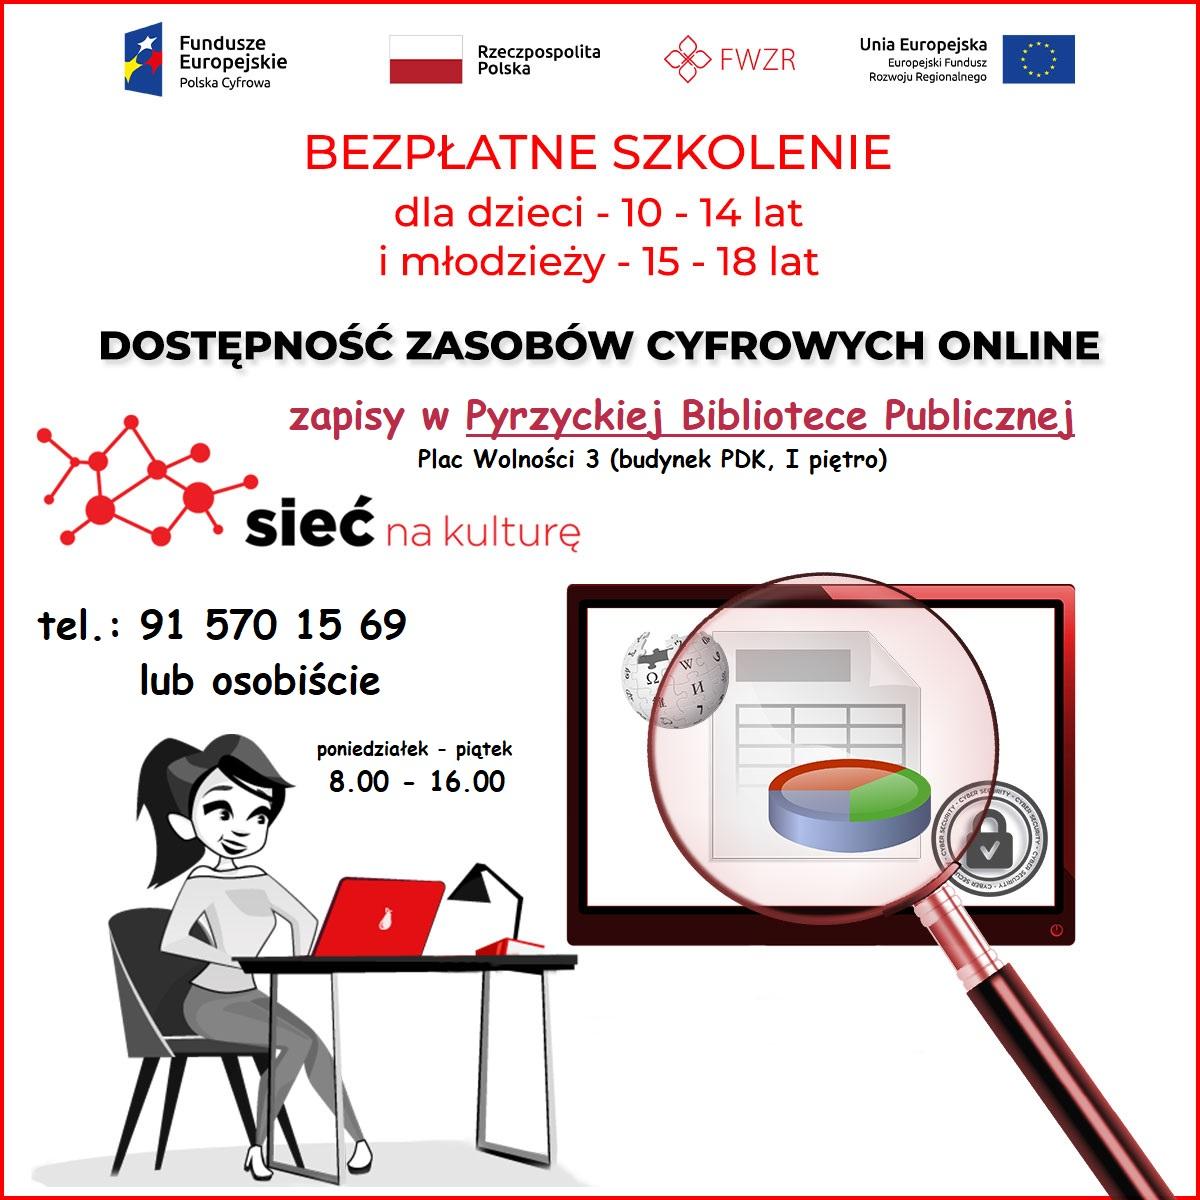 Dostepnosc zasobow cyfrowych online11